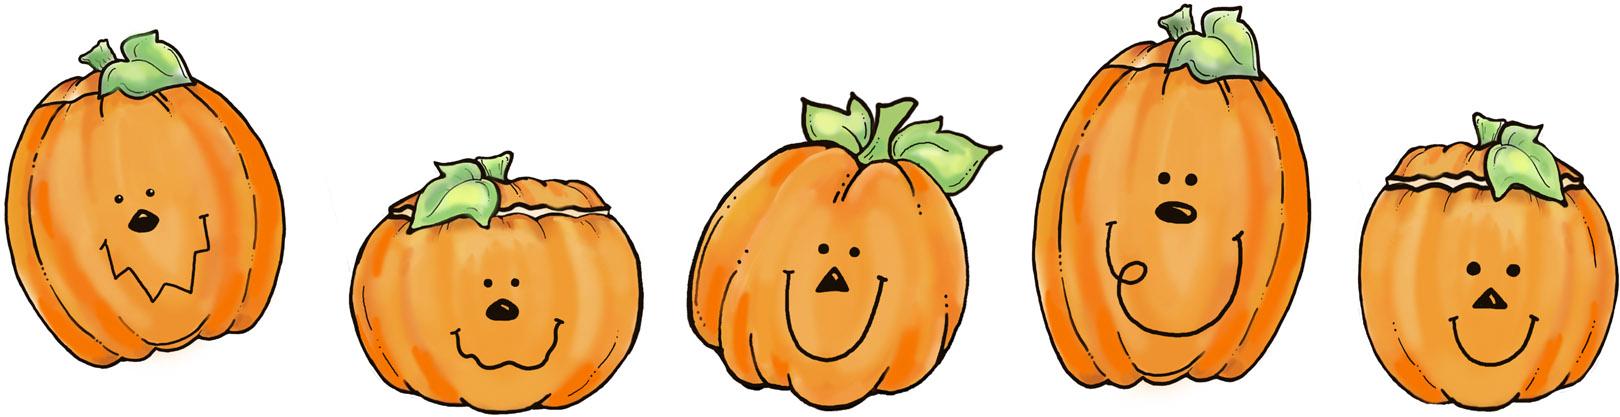 Free sign cliparts download. Clipart halloween kindergarten